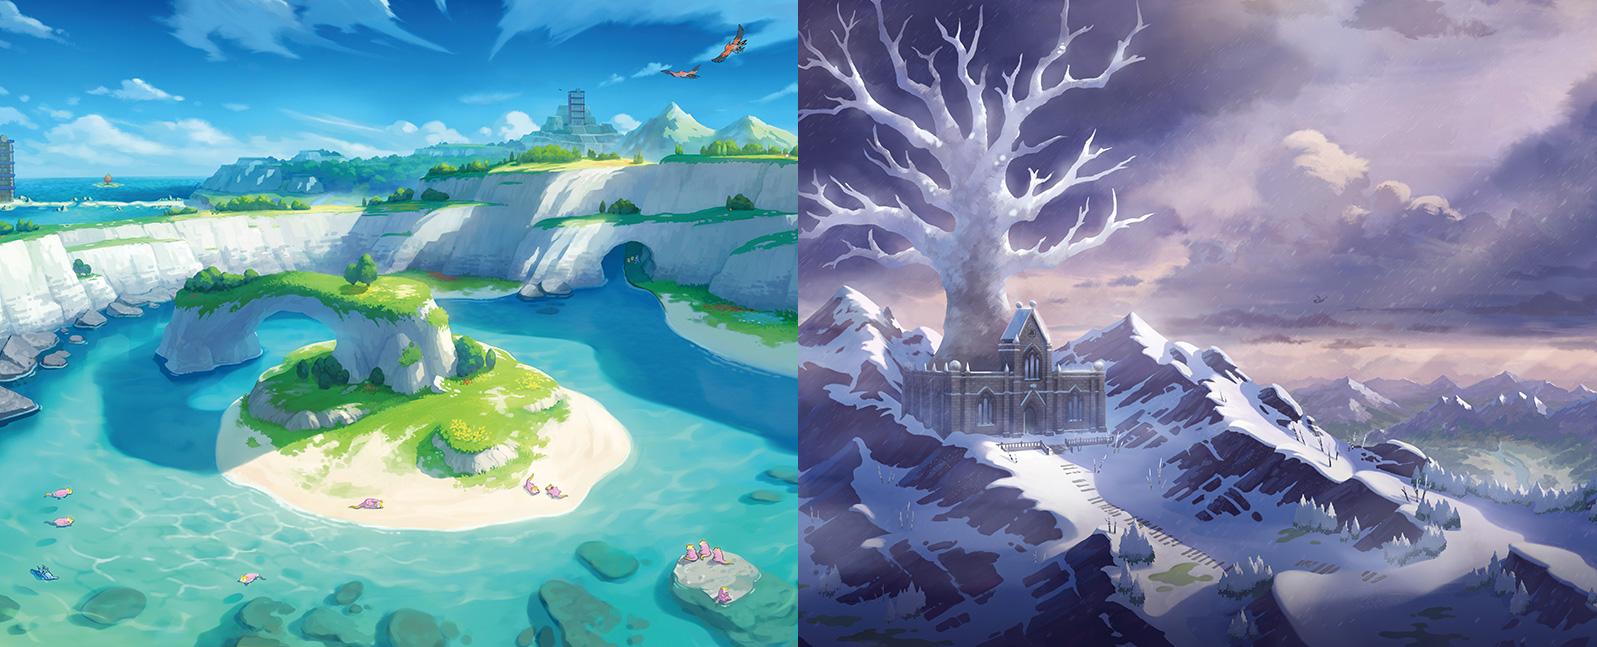 Erweiterungspass: »Die Insel der Rüstung« & »Die Schneelande der Krone«